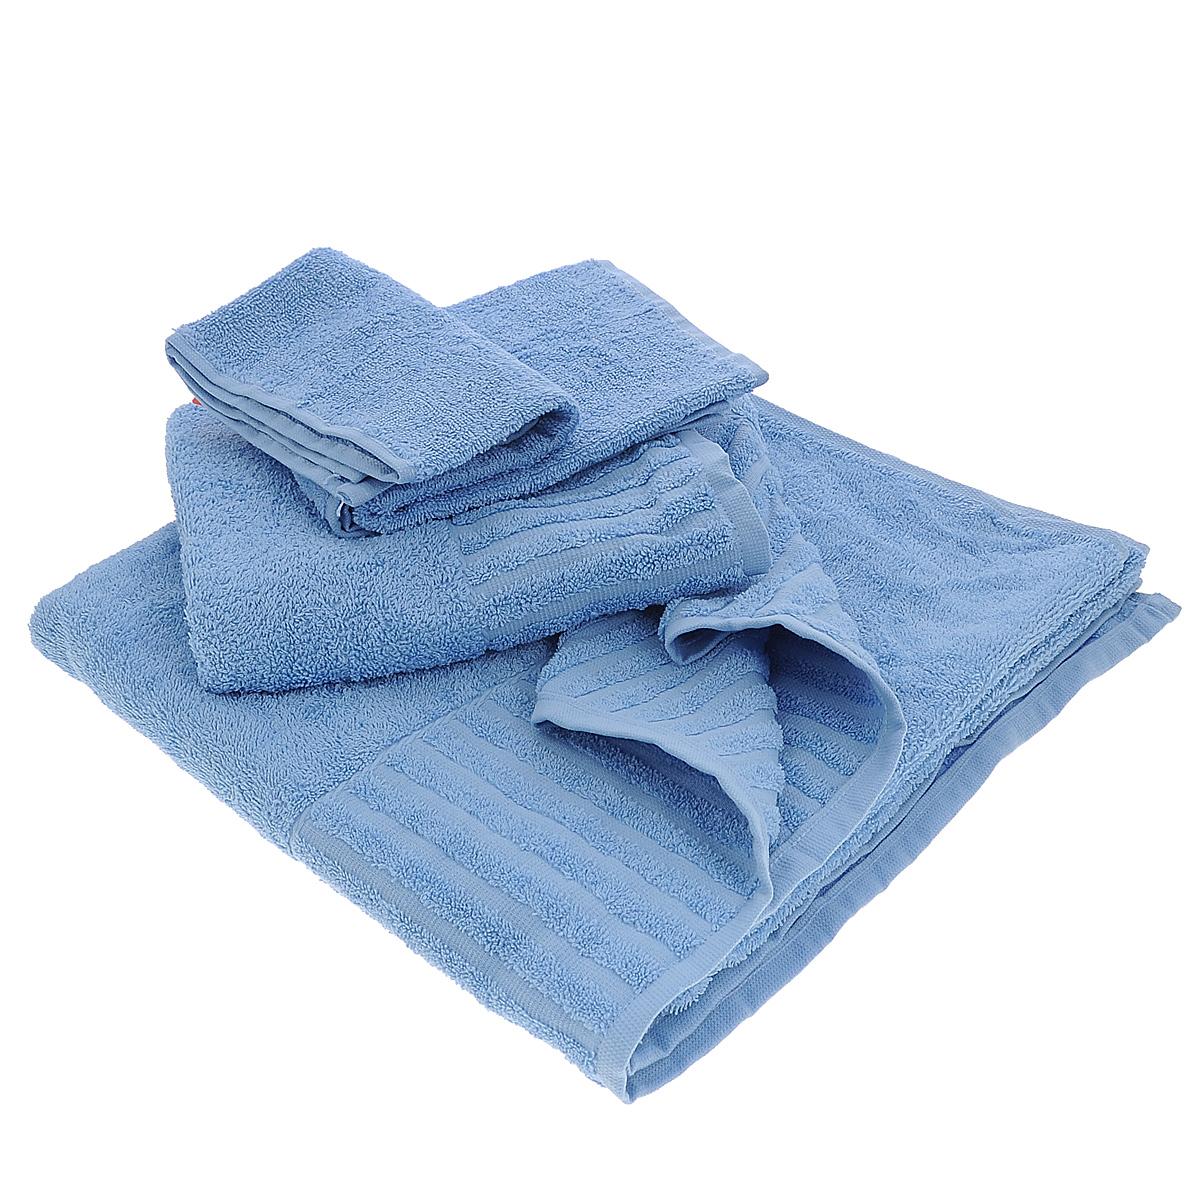 Набор махровых полотенец Bonita, цвет: голубой, 3 шт01011116344Набор Bonita состоит из трех полотенец разного размера, выполненных из натурального хлопка. Такие полотенца отлично впитывают влагу, быстро сохнут, сохраняют яркость цвета и не теряют формы даже после многократных стирок. Полотенца очень практичны и неприхотливы в уходе. Размер полотенец: 40 см х 70 см; 50 см х 90 см; 70 см х 140 см.